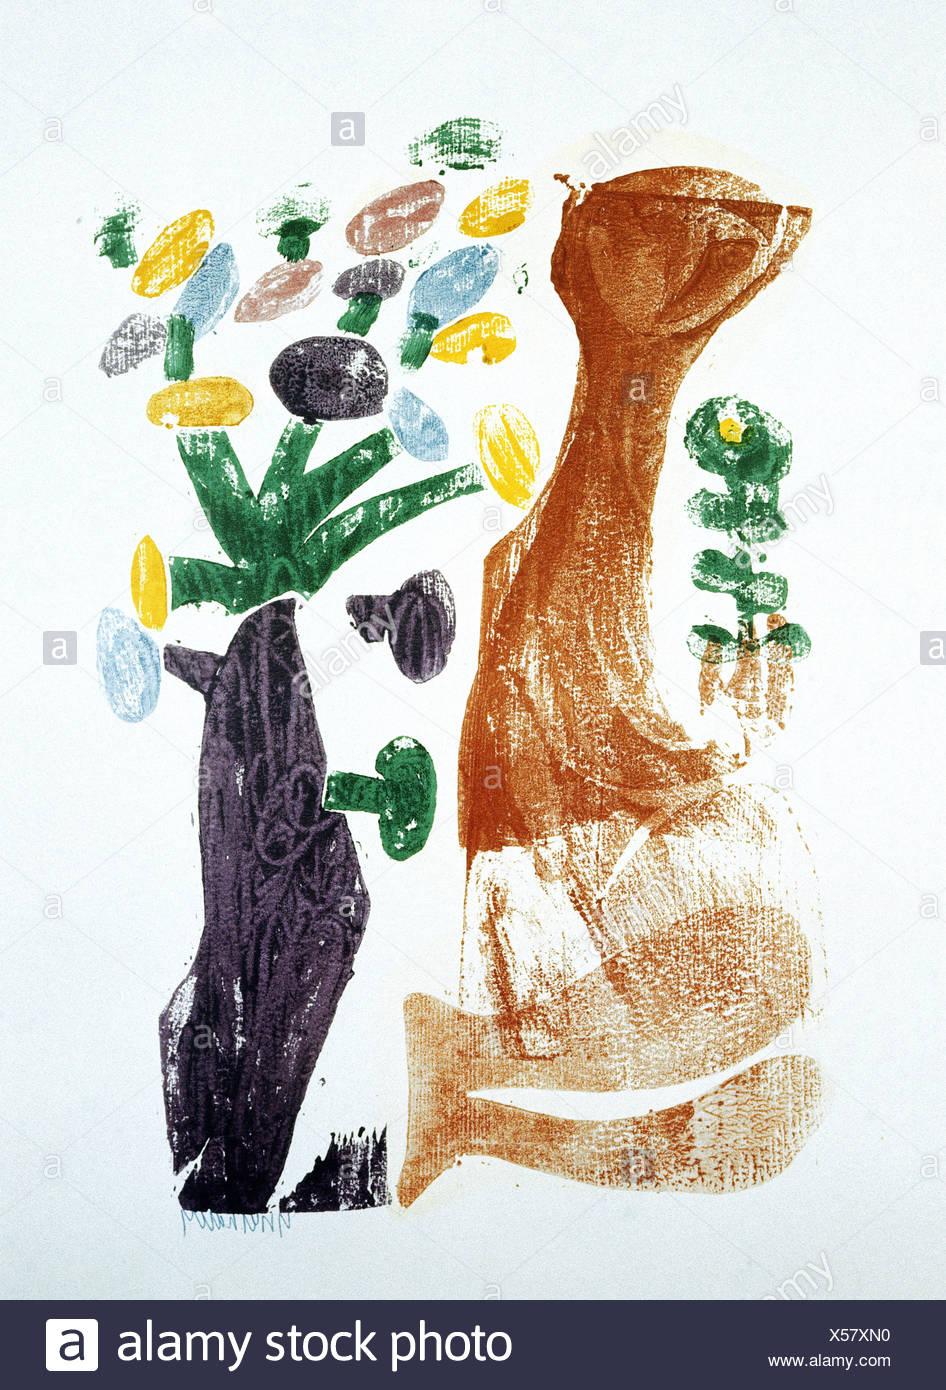 Beaux-arts, Grieshaber, HAP (1909 - 1981), gravure sur bois, 'Spring', l'artiste auteur doit aussi être vide Photo Stock